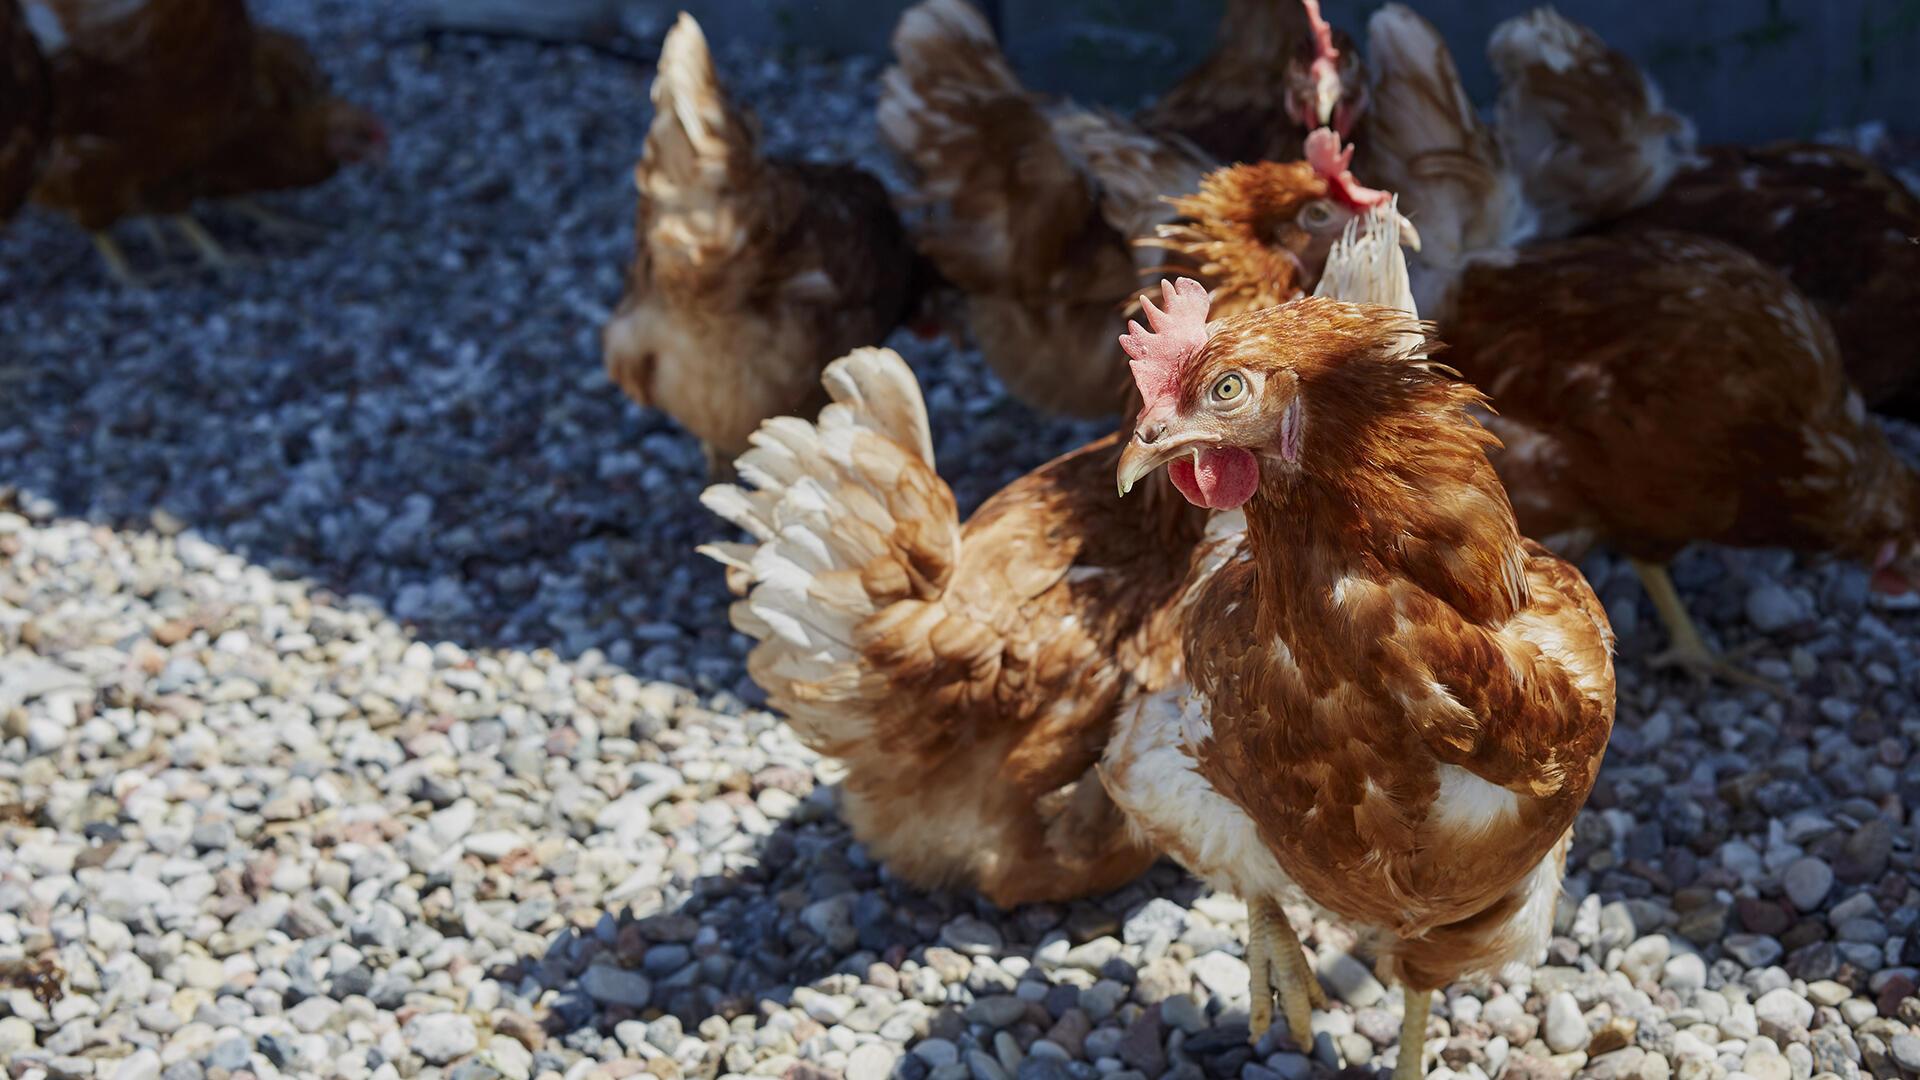 diapo10 pologne 14062021 - transition à l'élevage en plein air - place pour les poules